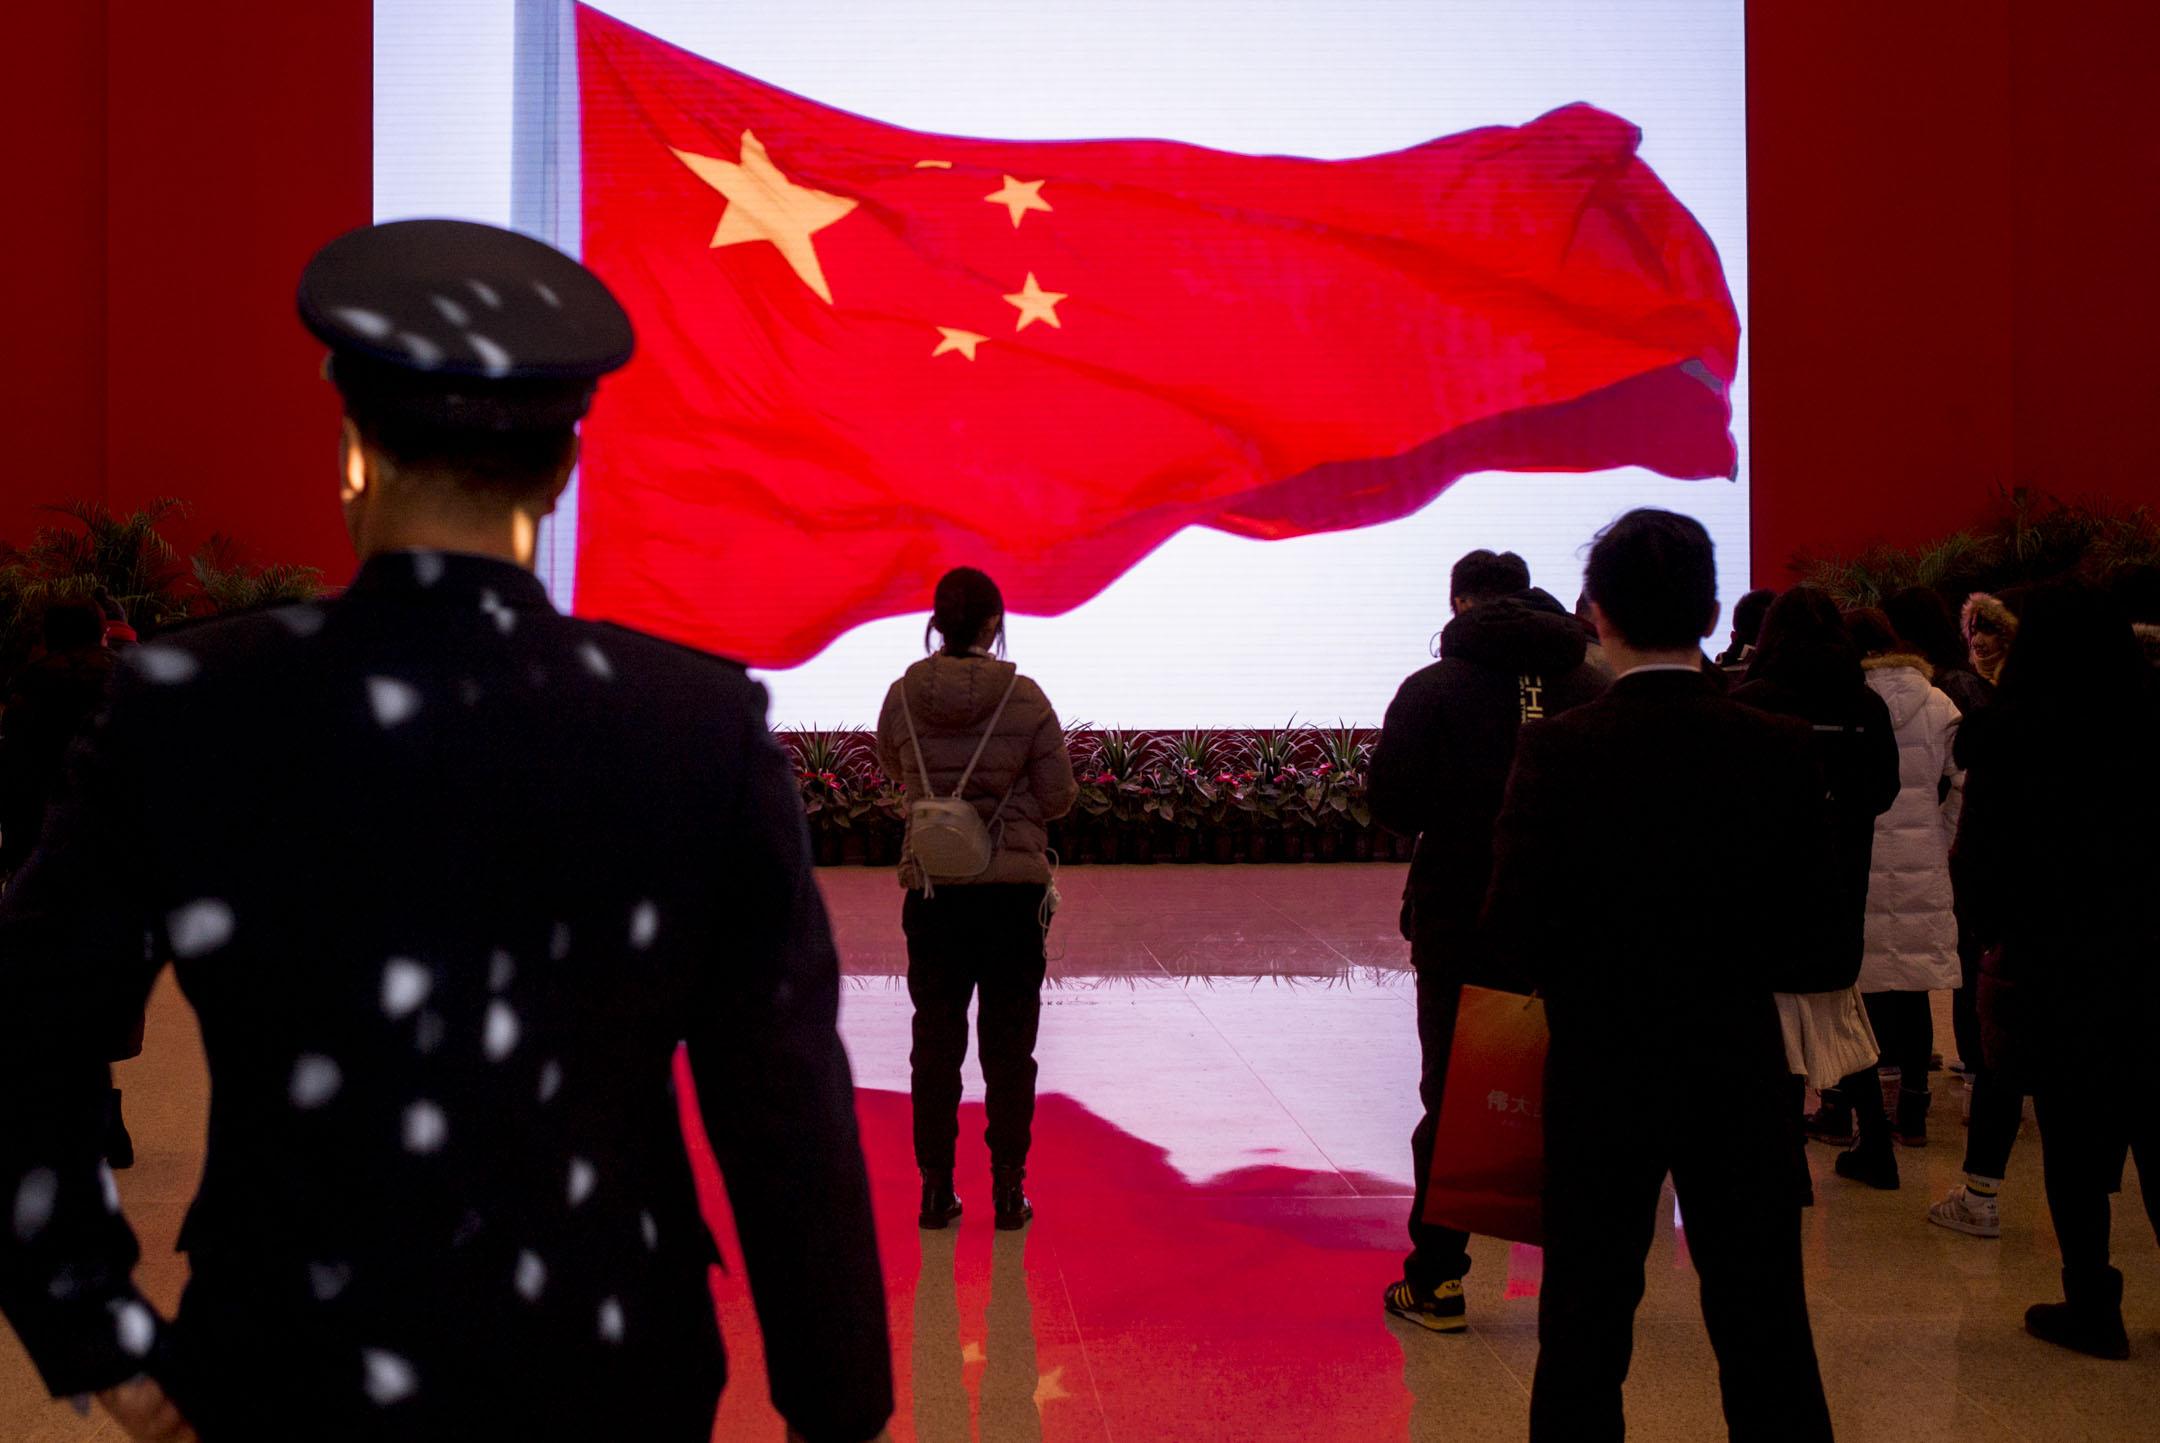 「偉大的變革─慶祝改革開放40周年大型展覽」在北京的國家博物館舉行,大門有巨型電視屏幕不斷播放勵志宣傳片。 攝:林振東/端傳媒